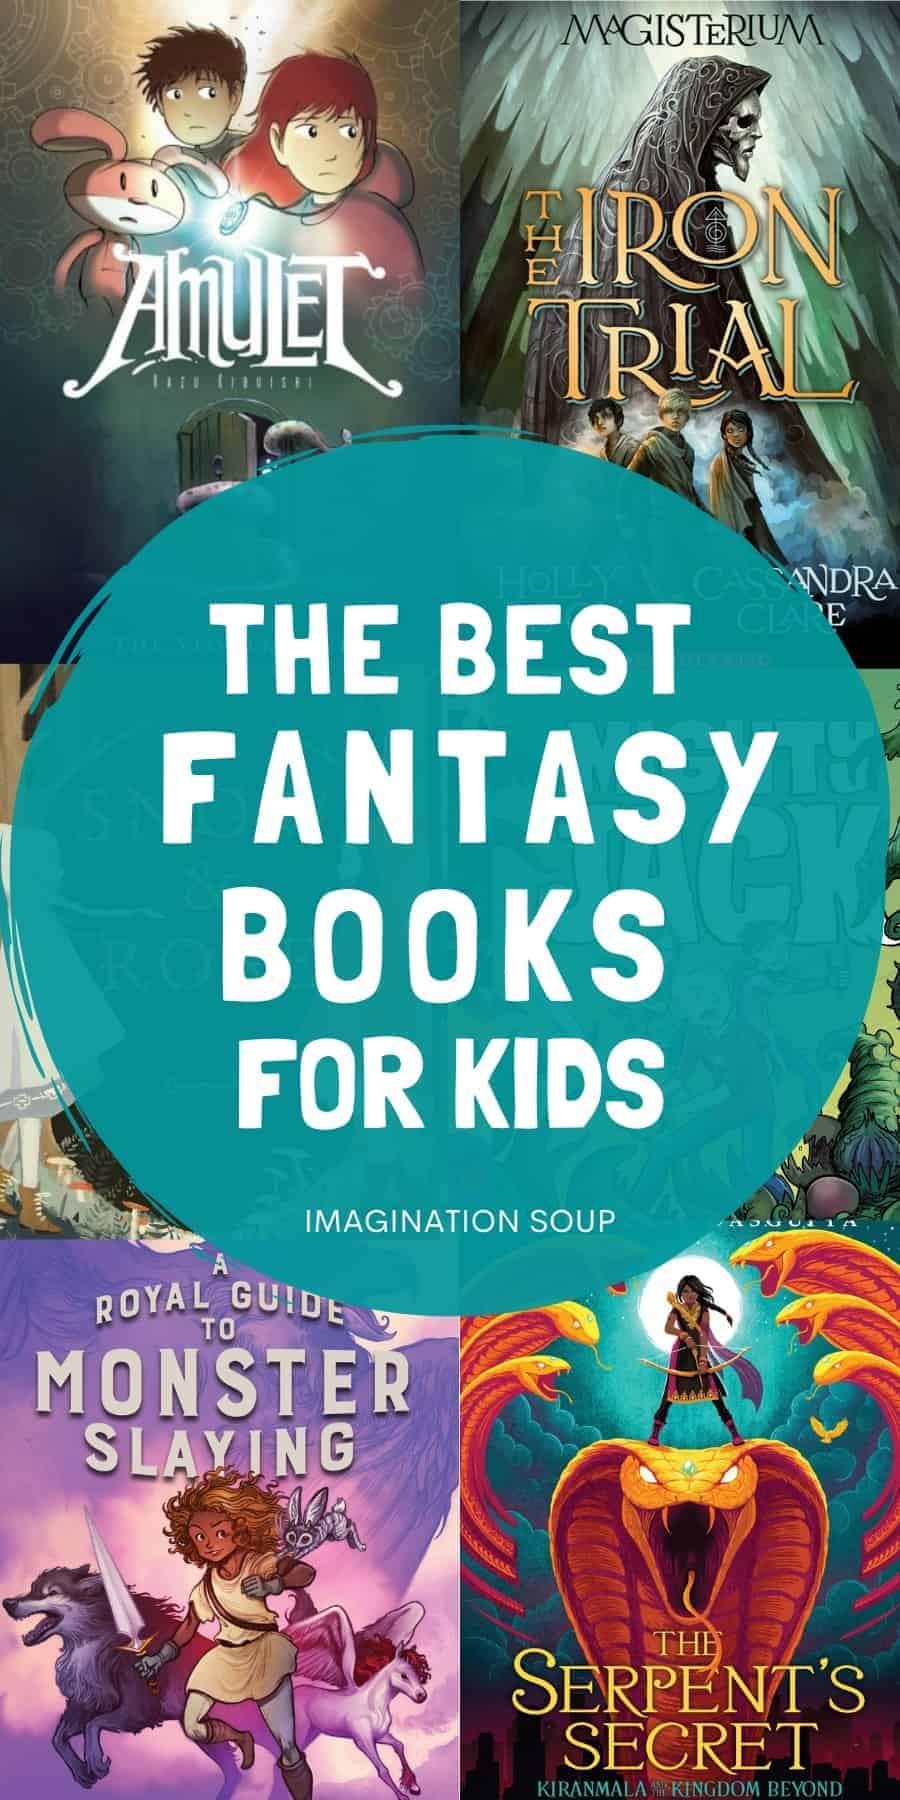 the best fantasy books for kids